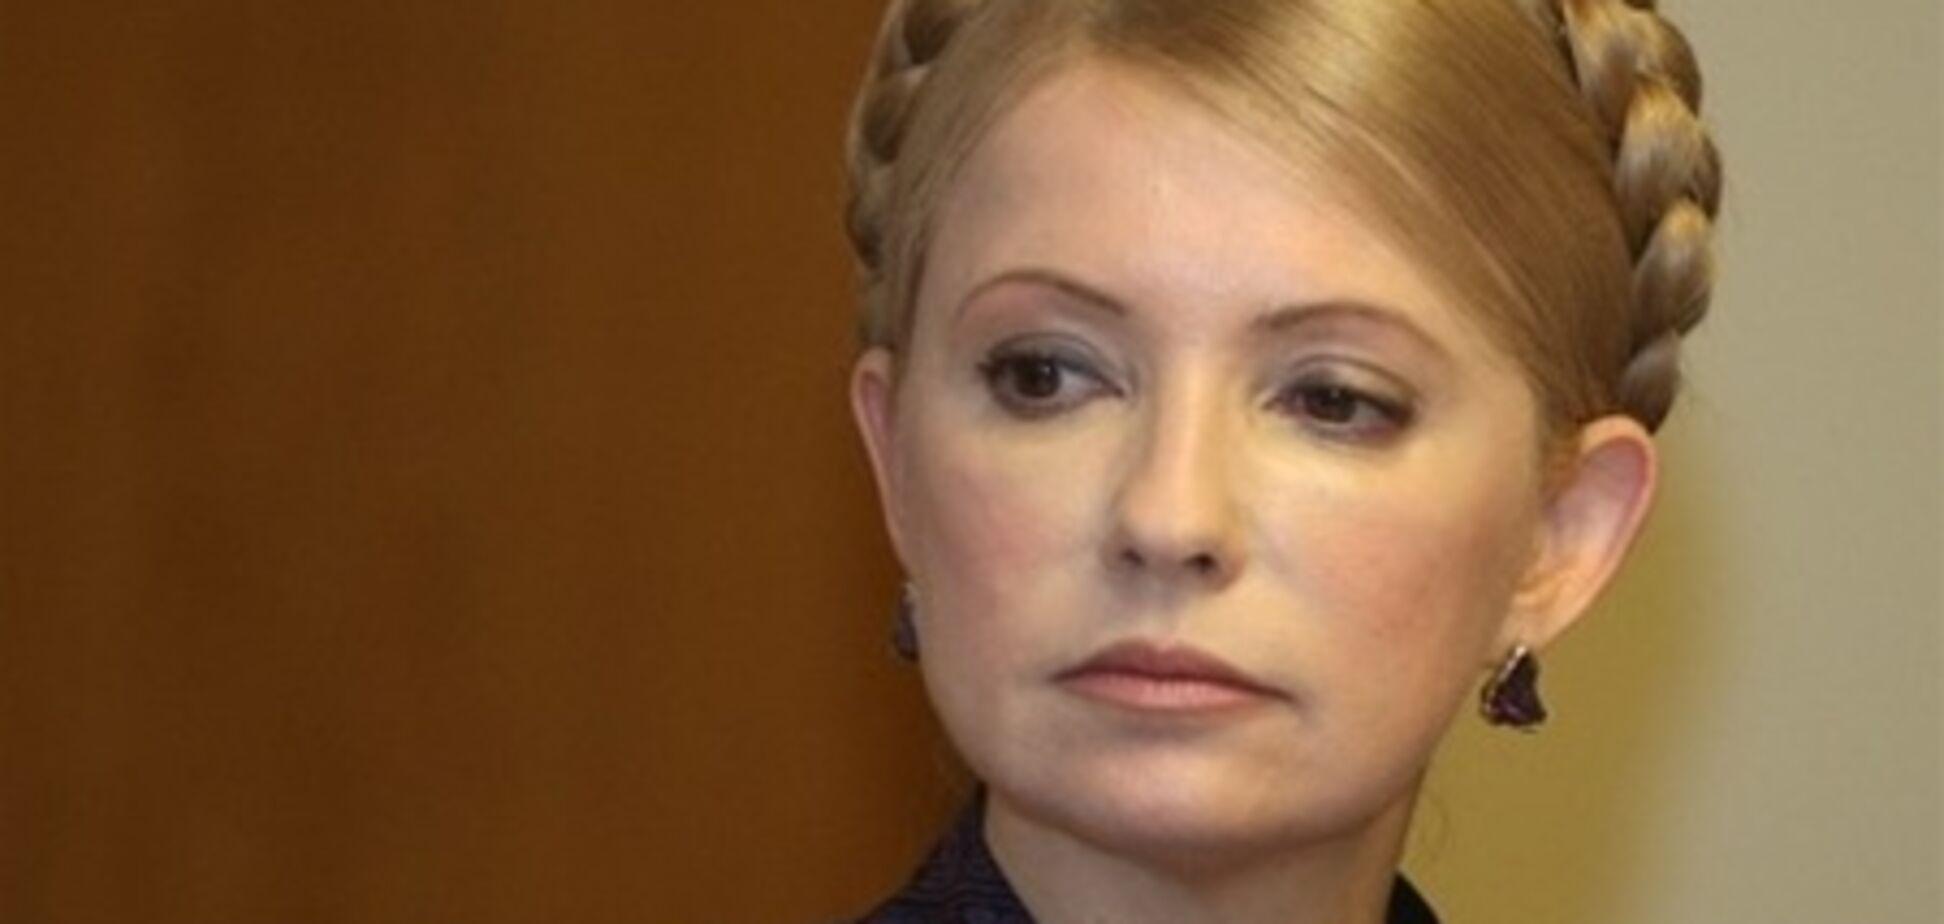 Прокуратура отказалась возбуждать уголовное дело по факту избиения Тимошенко